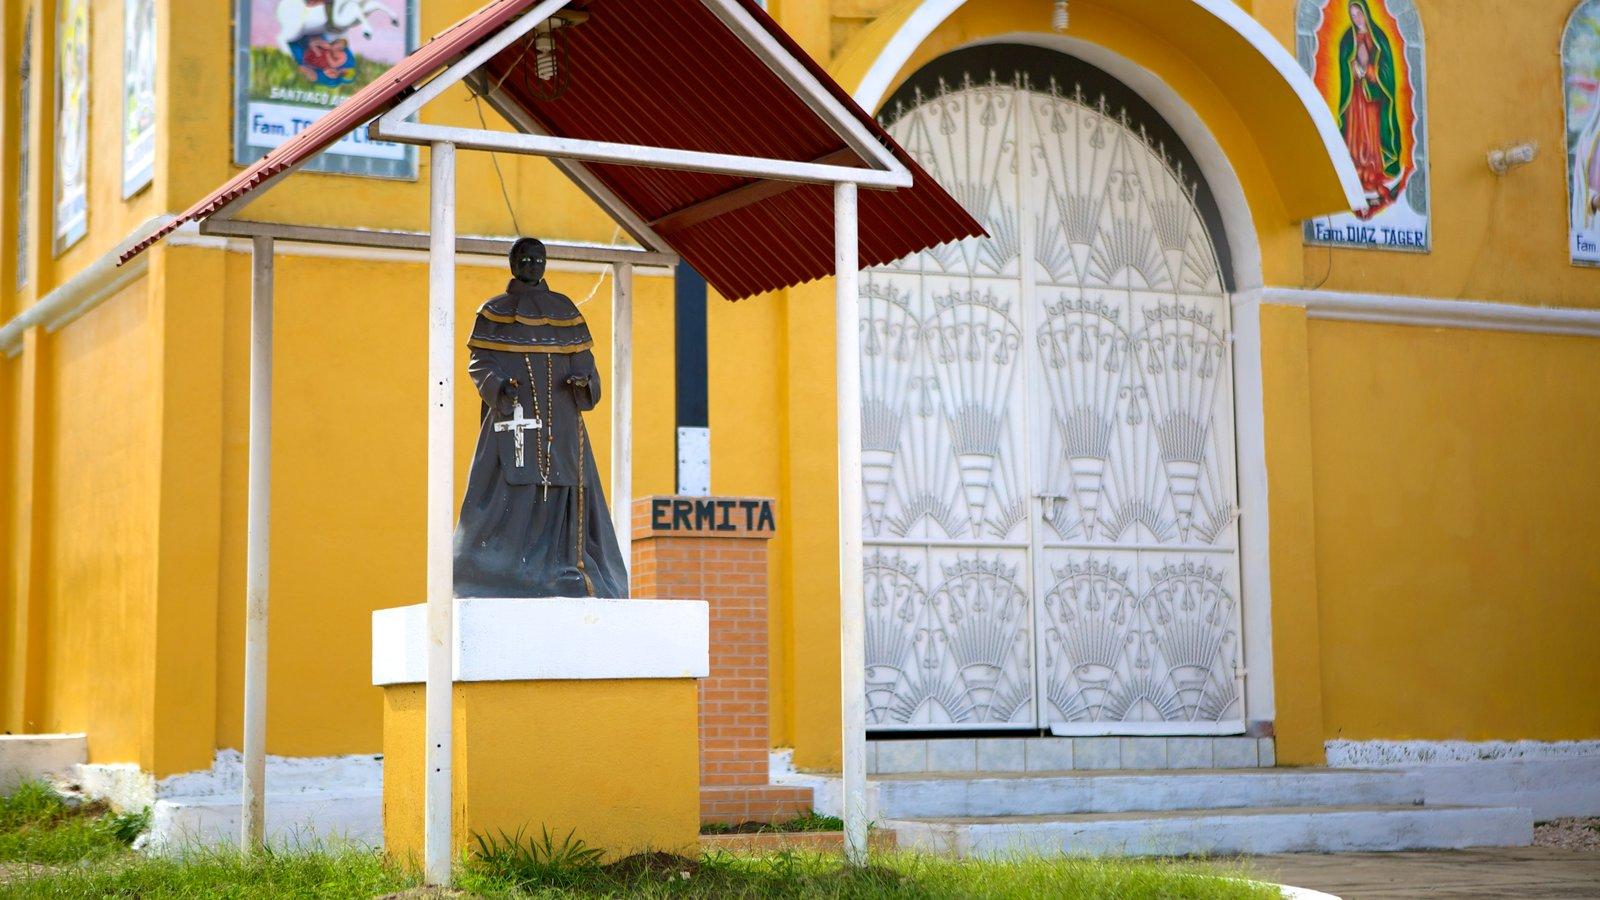 Santa Elena caracterizando aspectos religiosos e uma igreja ou catedral